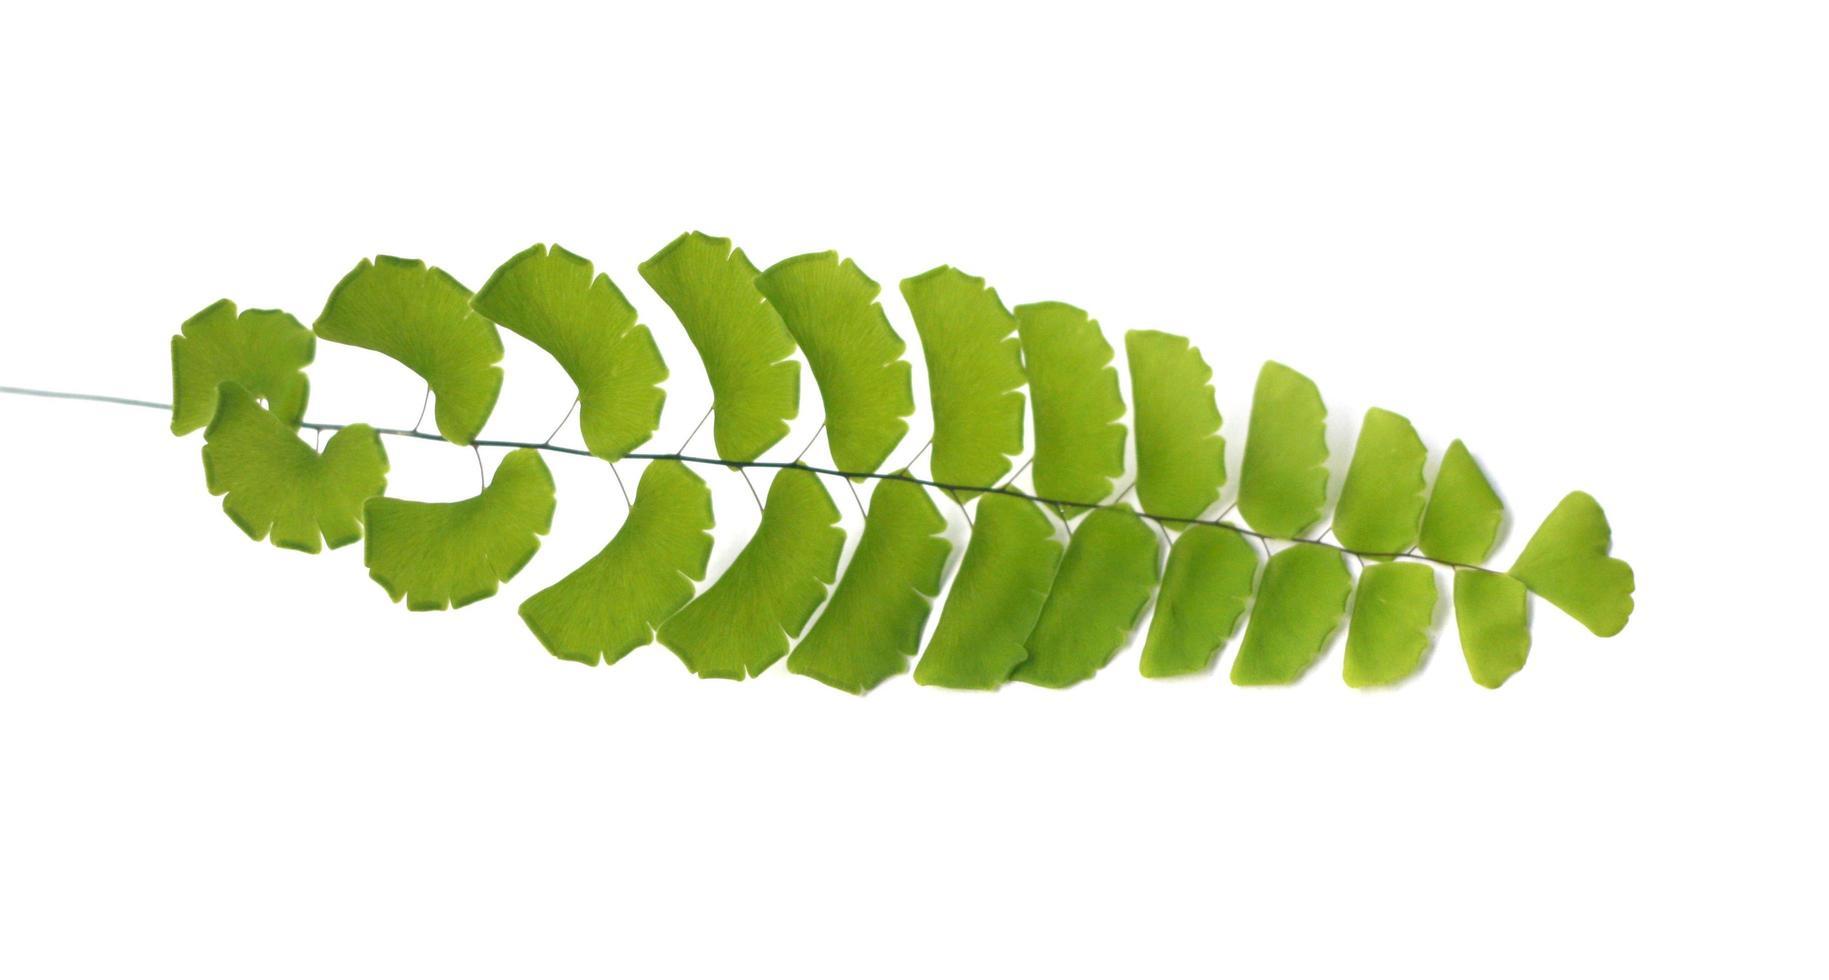 rama de culantrillo aislado en blanco foto